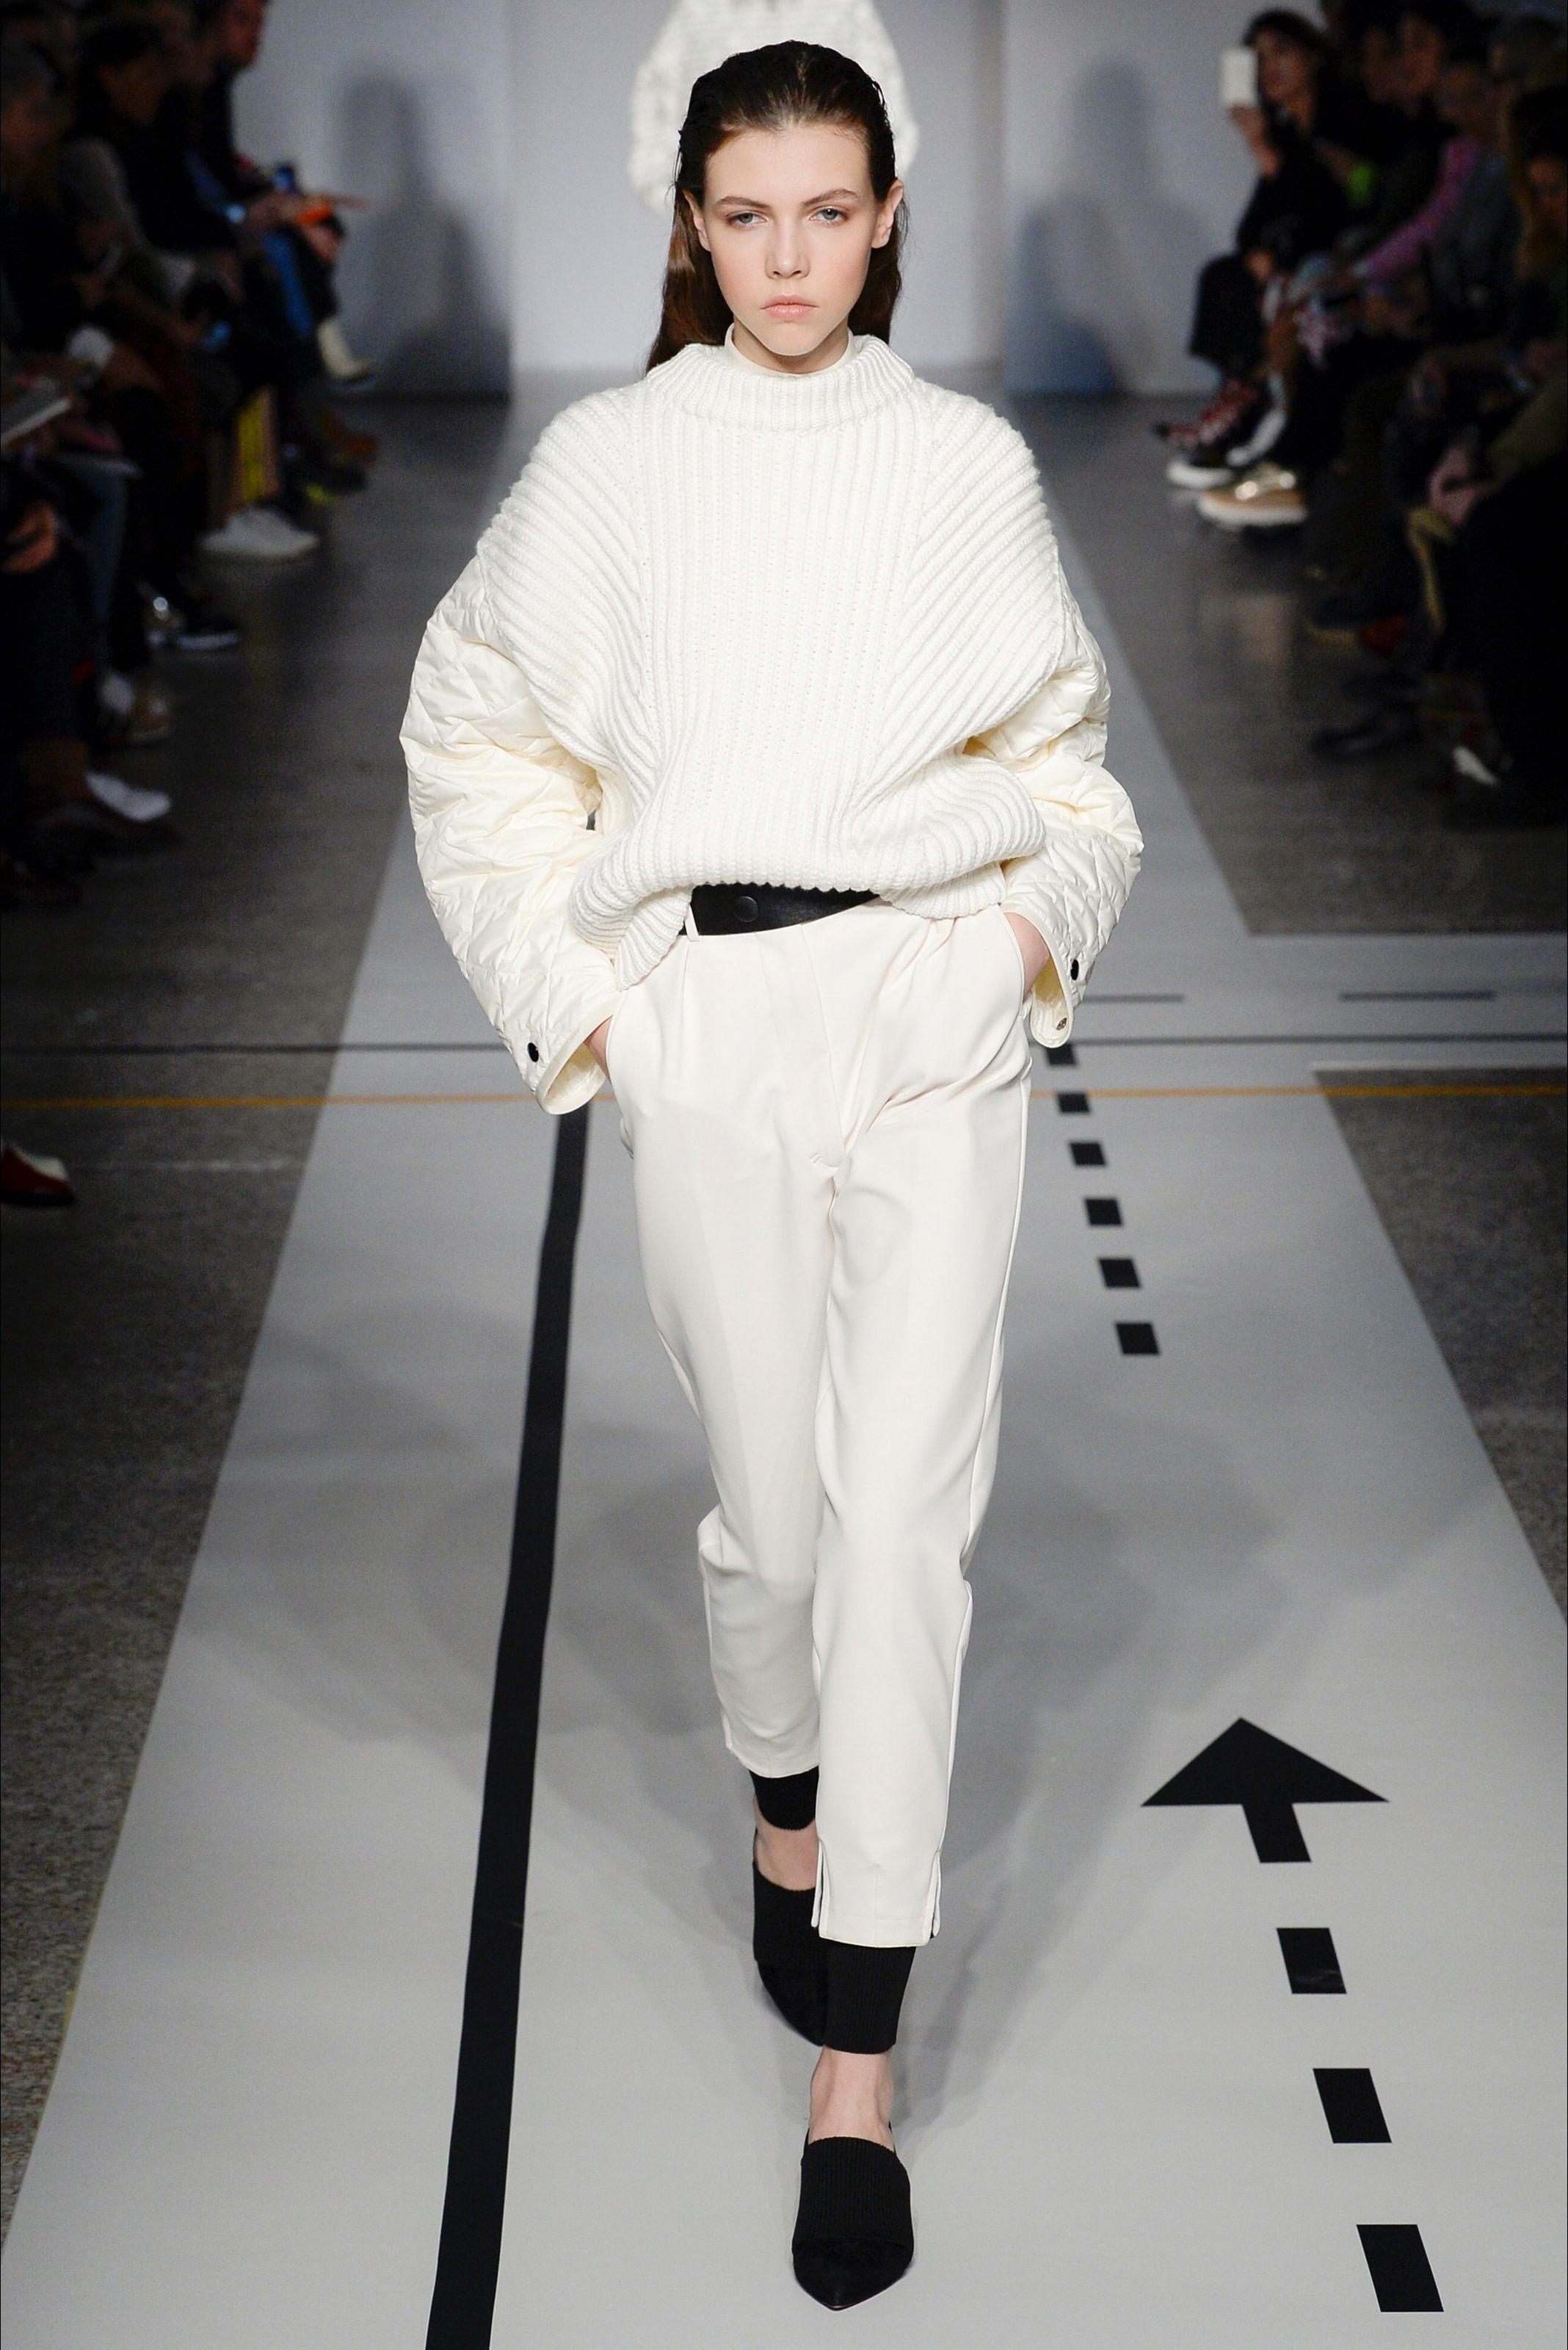 c1ebfb185b Guarda la sfilata di moda Sportmax a Milano e scopri la collezione di abiti  e accessori per la stagione Collezioni Autunno Inverno 2017-18.